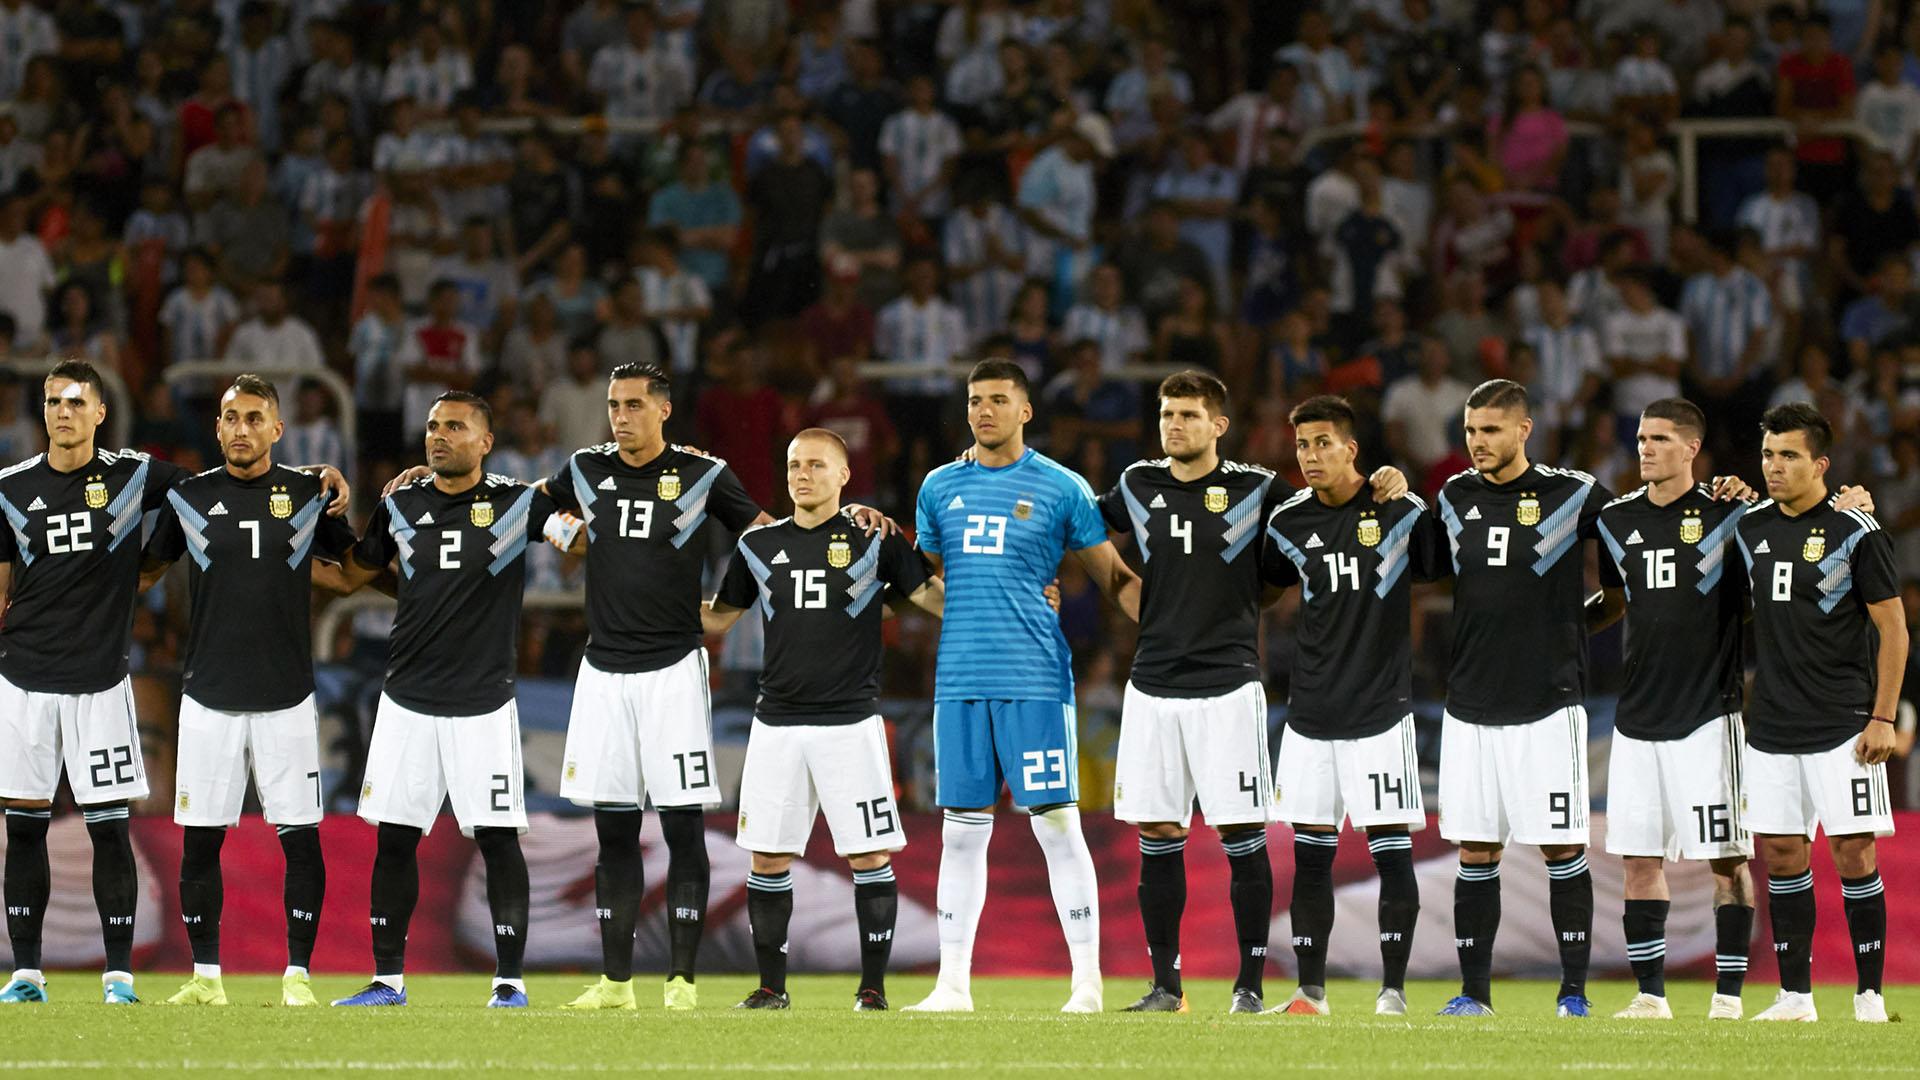 Con dos ráfagas de Icardi y Dybala, la Argentina de Scaloni venció a México en la última prueba de 2018 Foto: Axel Lloret / ARGRA 2250